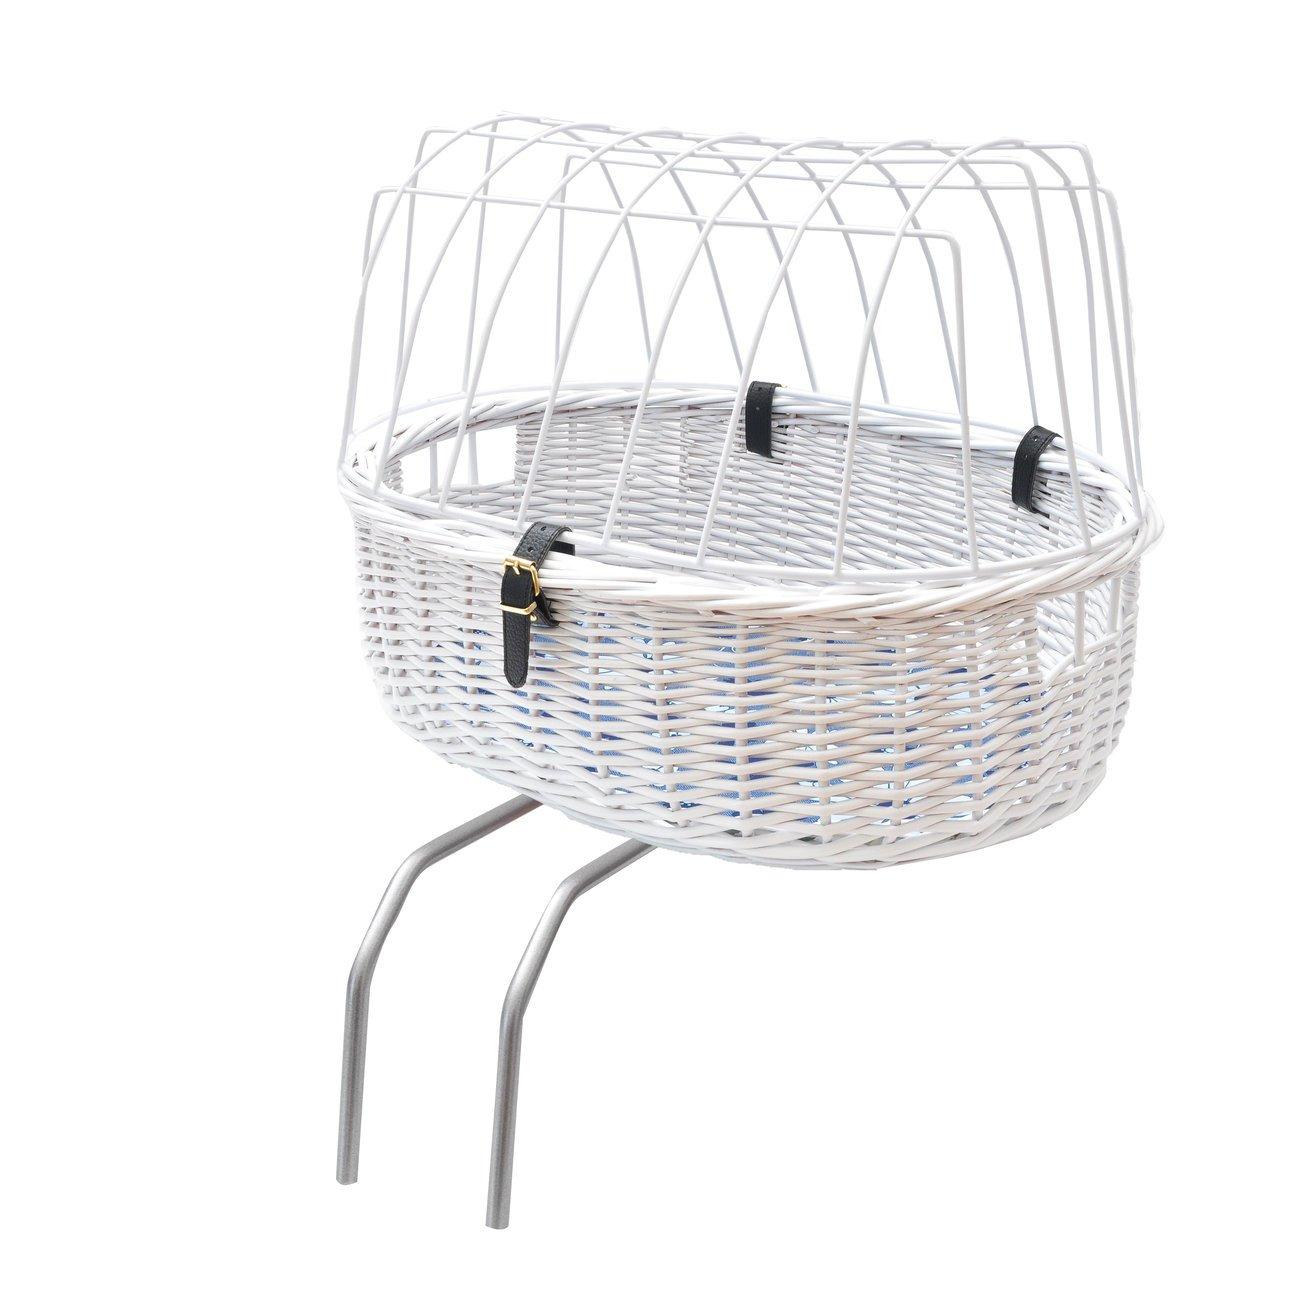 Aumüller Fahrradkorb für Hunde Rahmenmontage hinten, Standard: 52 x 38 x 18/40 cm, weiß